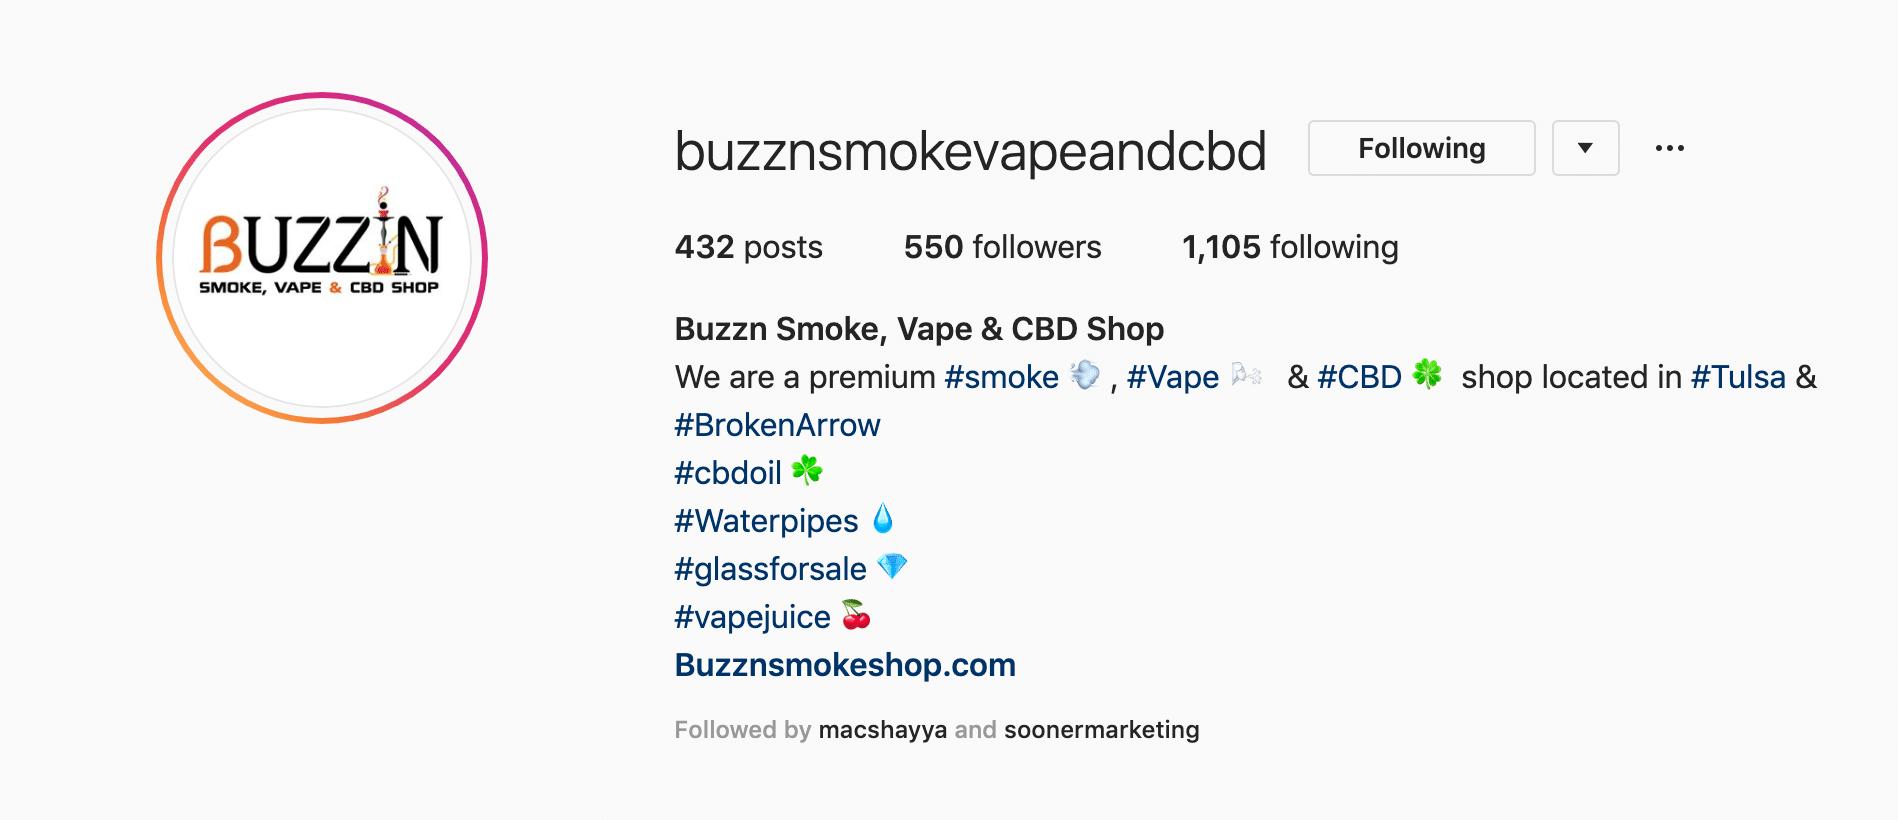 Buzzn Smoke Vape & CBD Shop Instagram Page